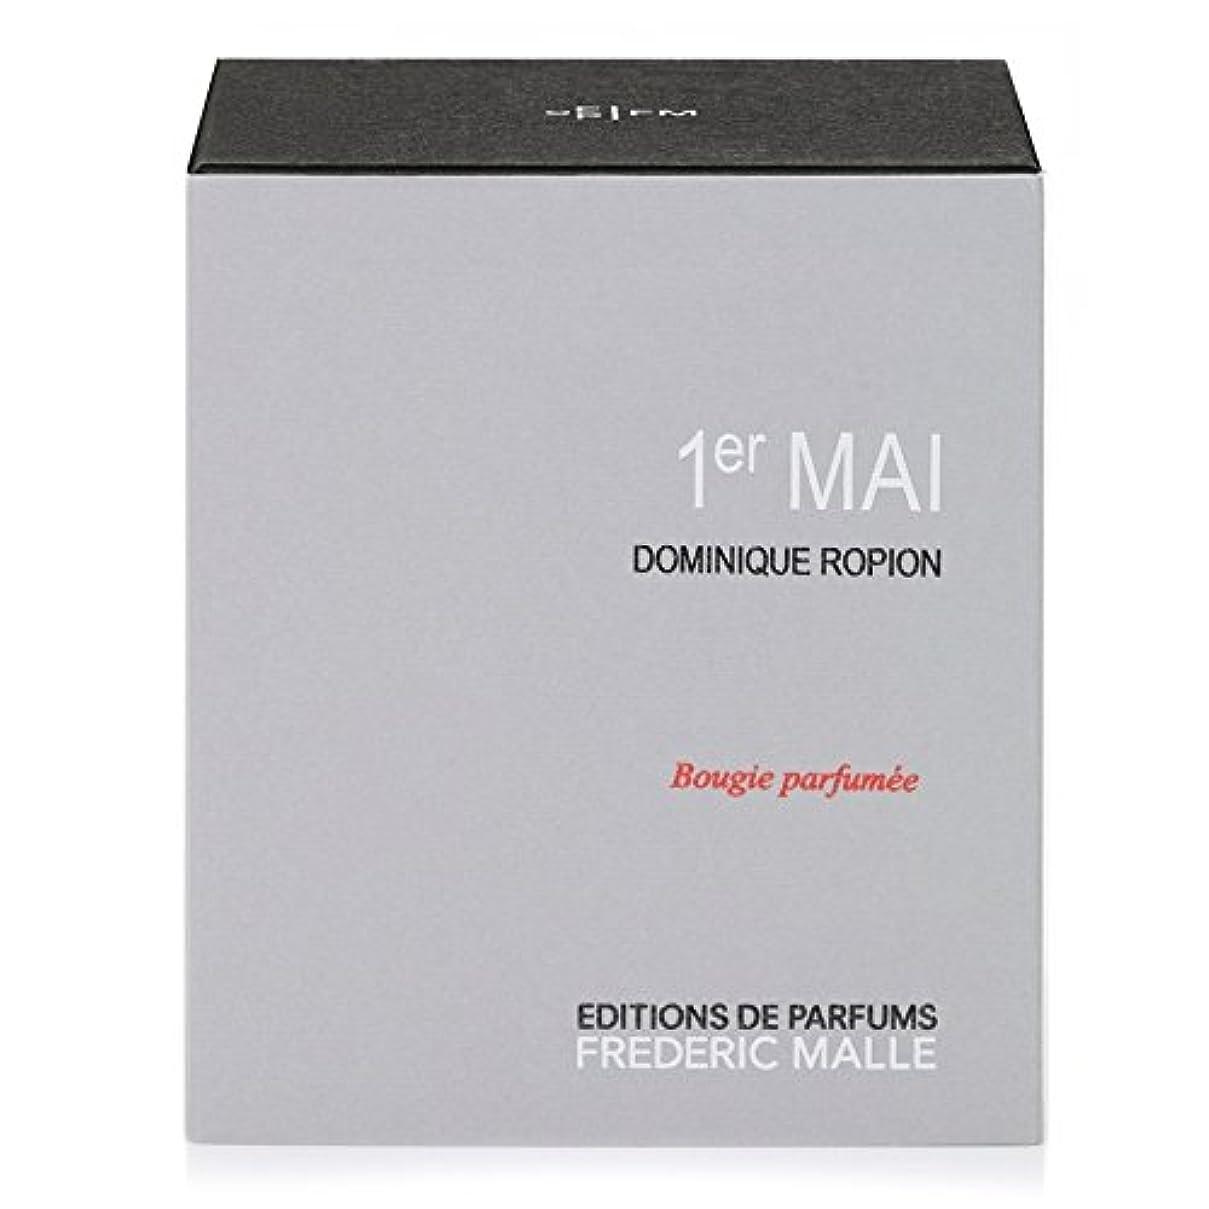 投資シーフードアクティビティFrederic Malle 1er Mai Scented Candle 220g (Pack of 4) - フレデリック?マルプルミエ舞香りのキャンドル220グラム x4 [並行輸入品]